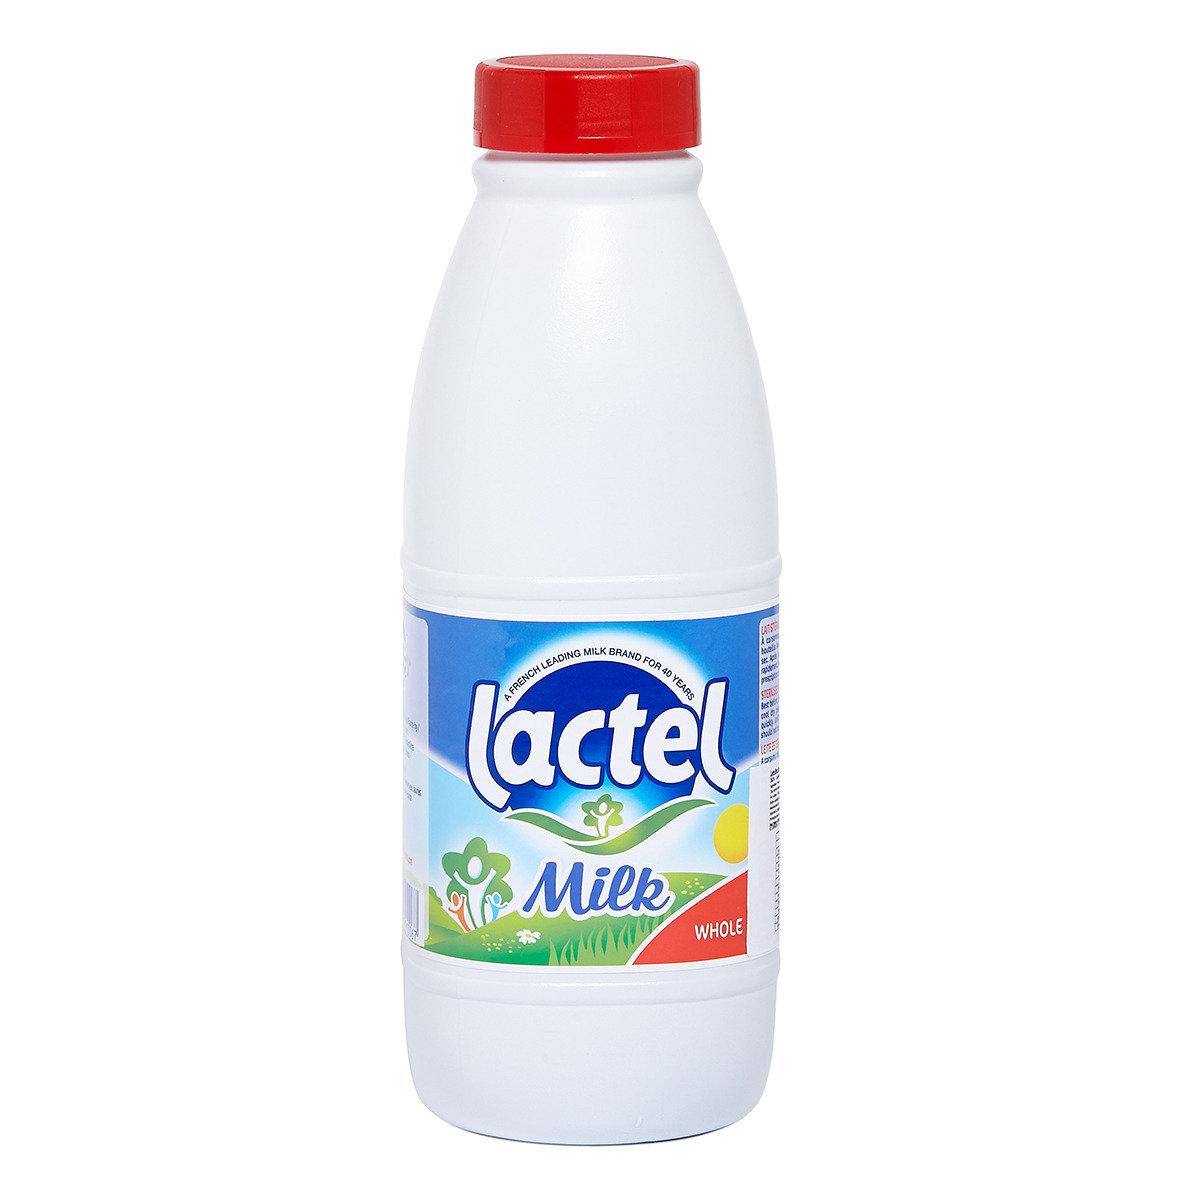 蘭特全脂奶 (樽裝)